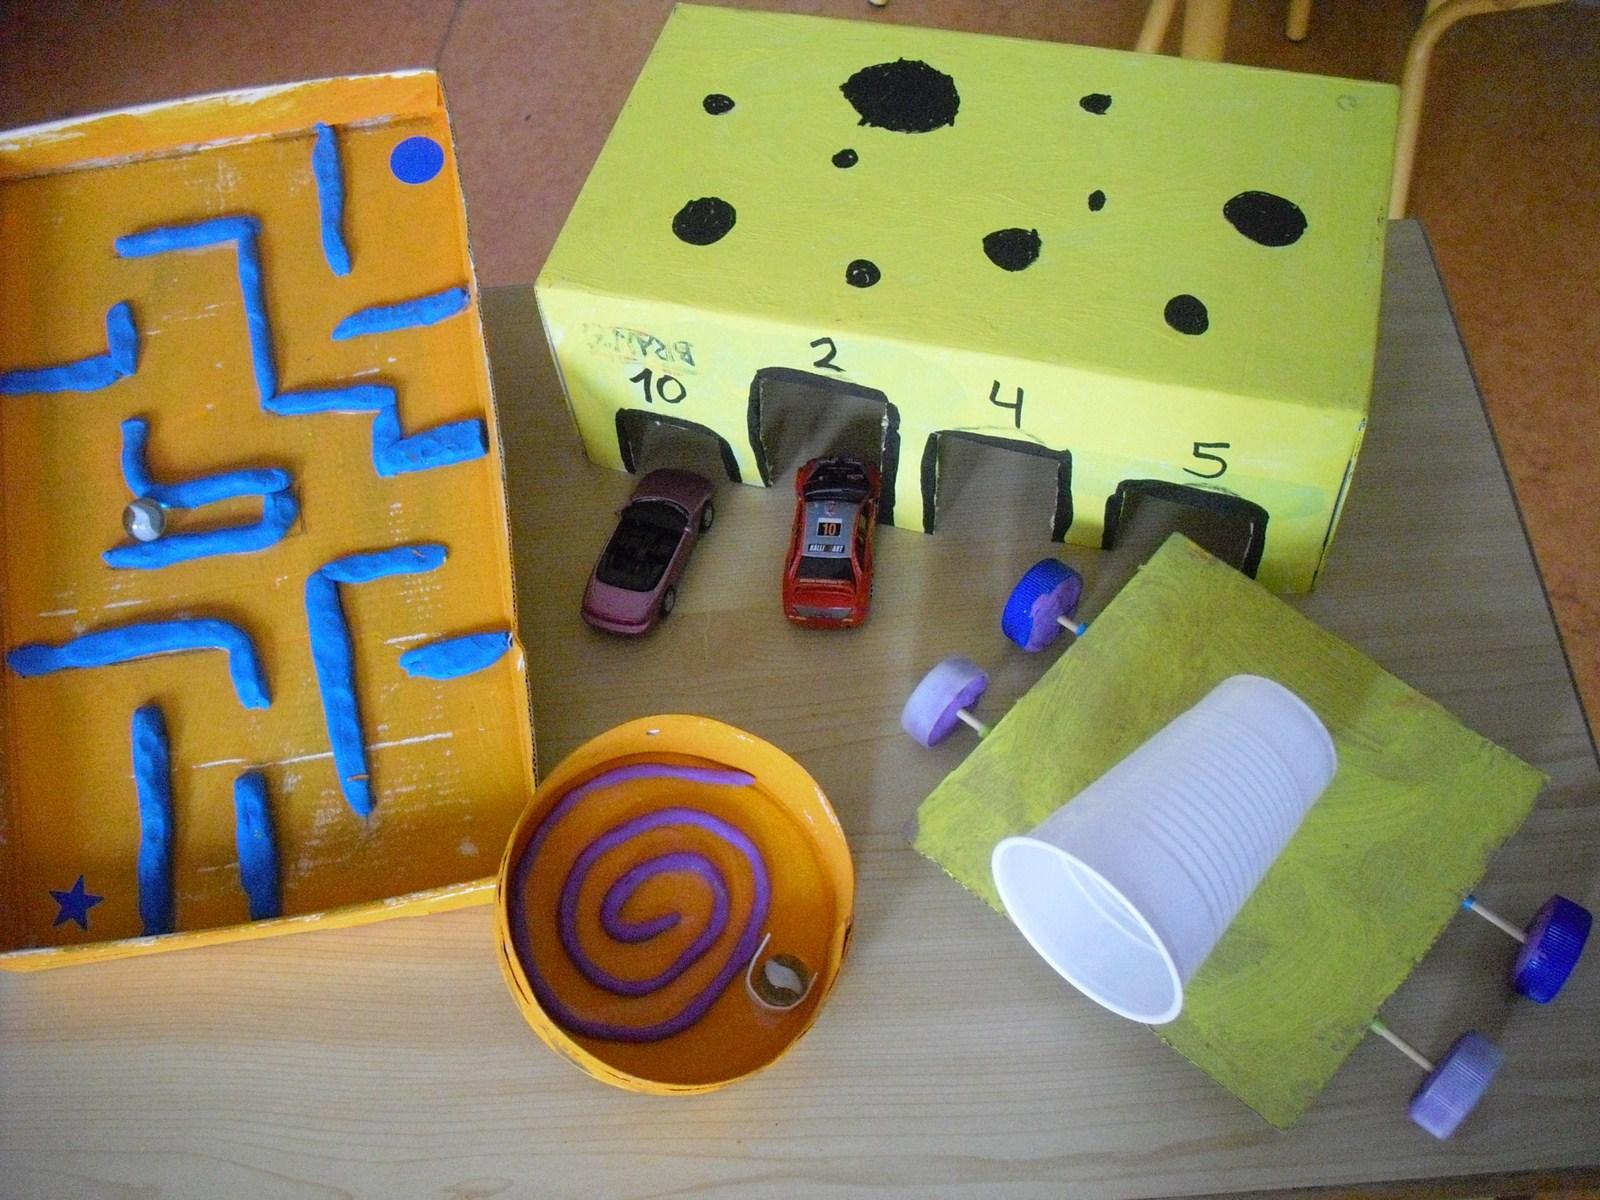 Revista padres 10 juguetes reciclados manualidad para ni os - Manualidades para ninos reciclaje ...